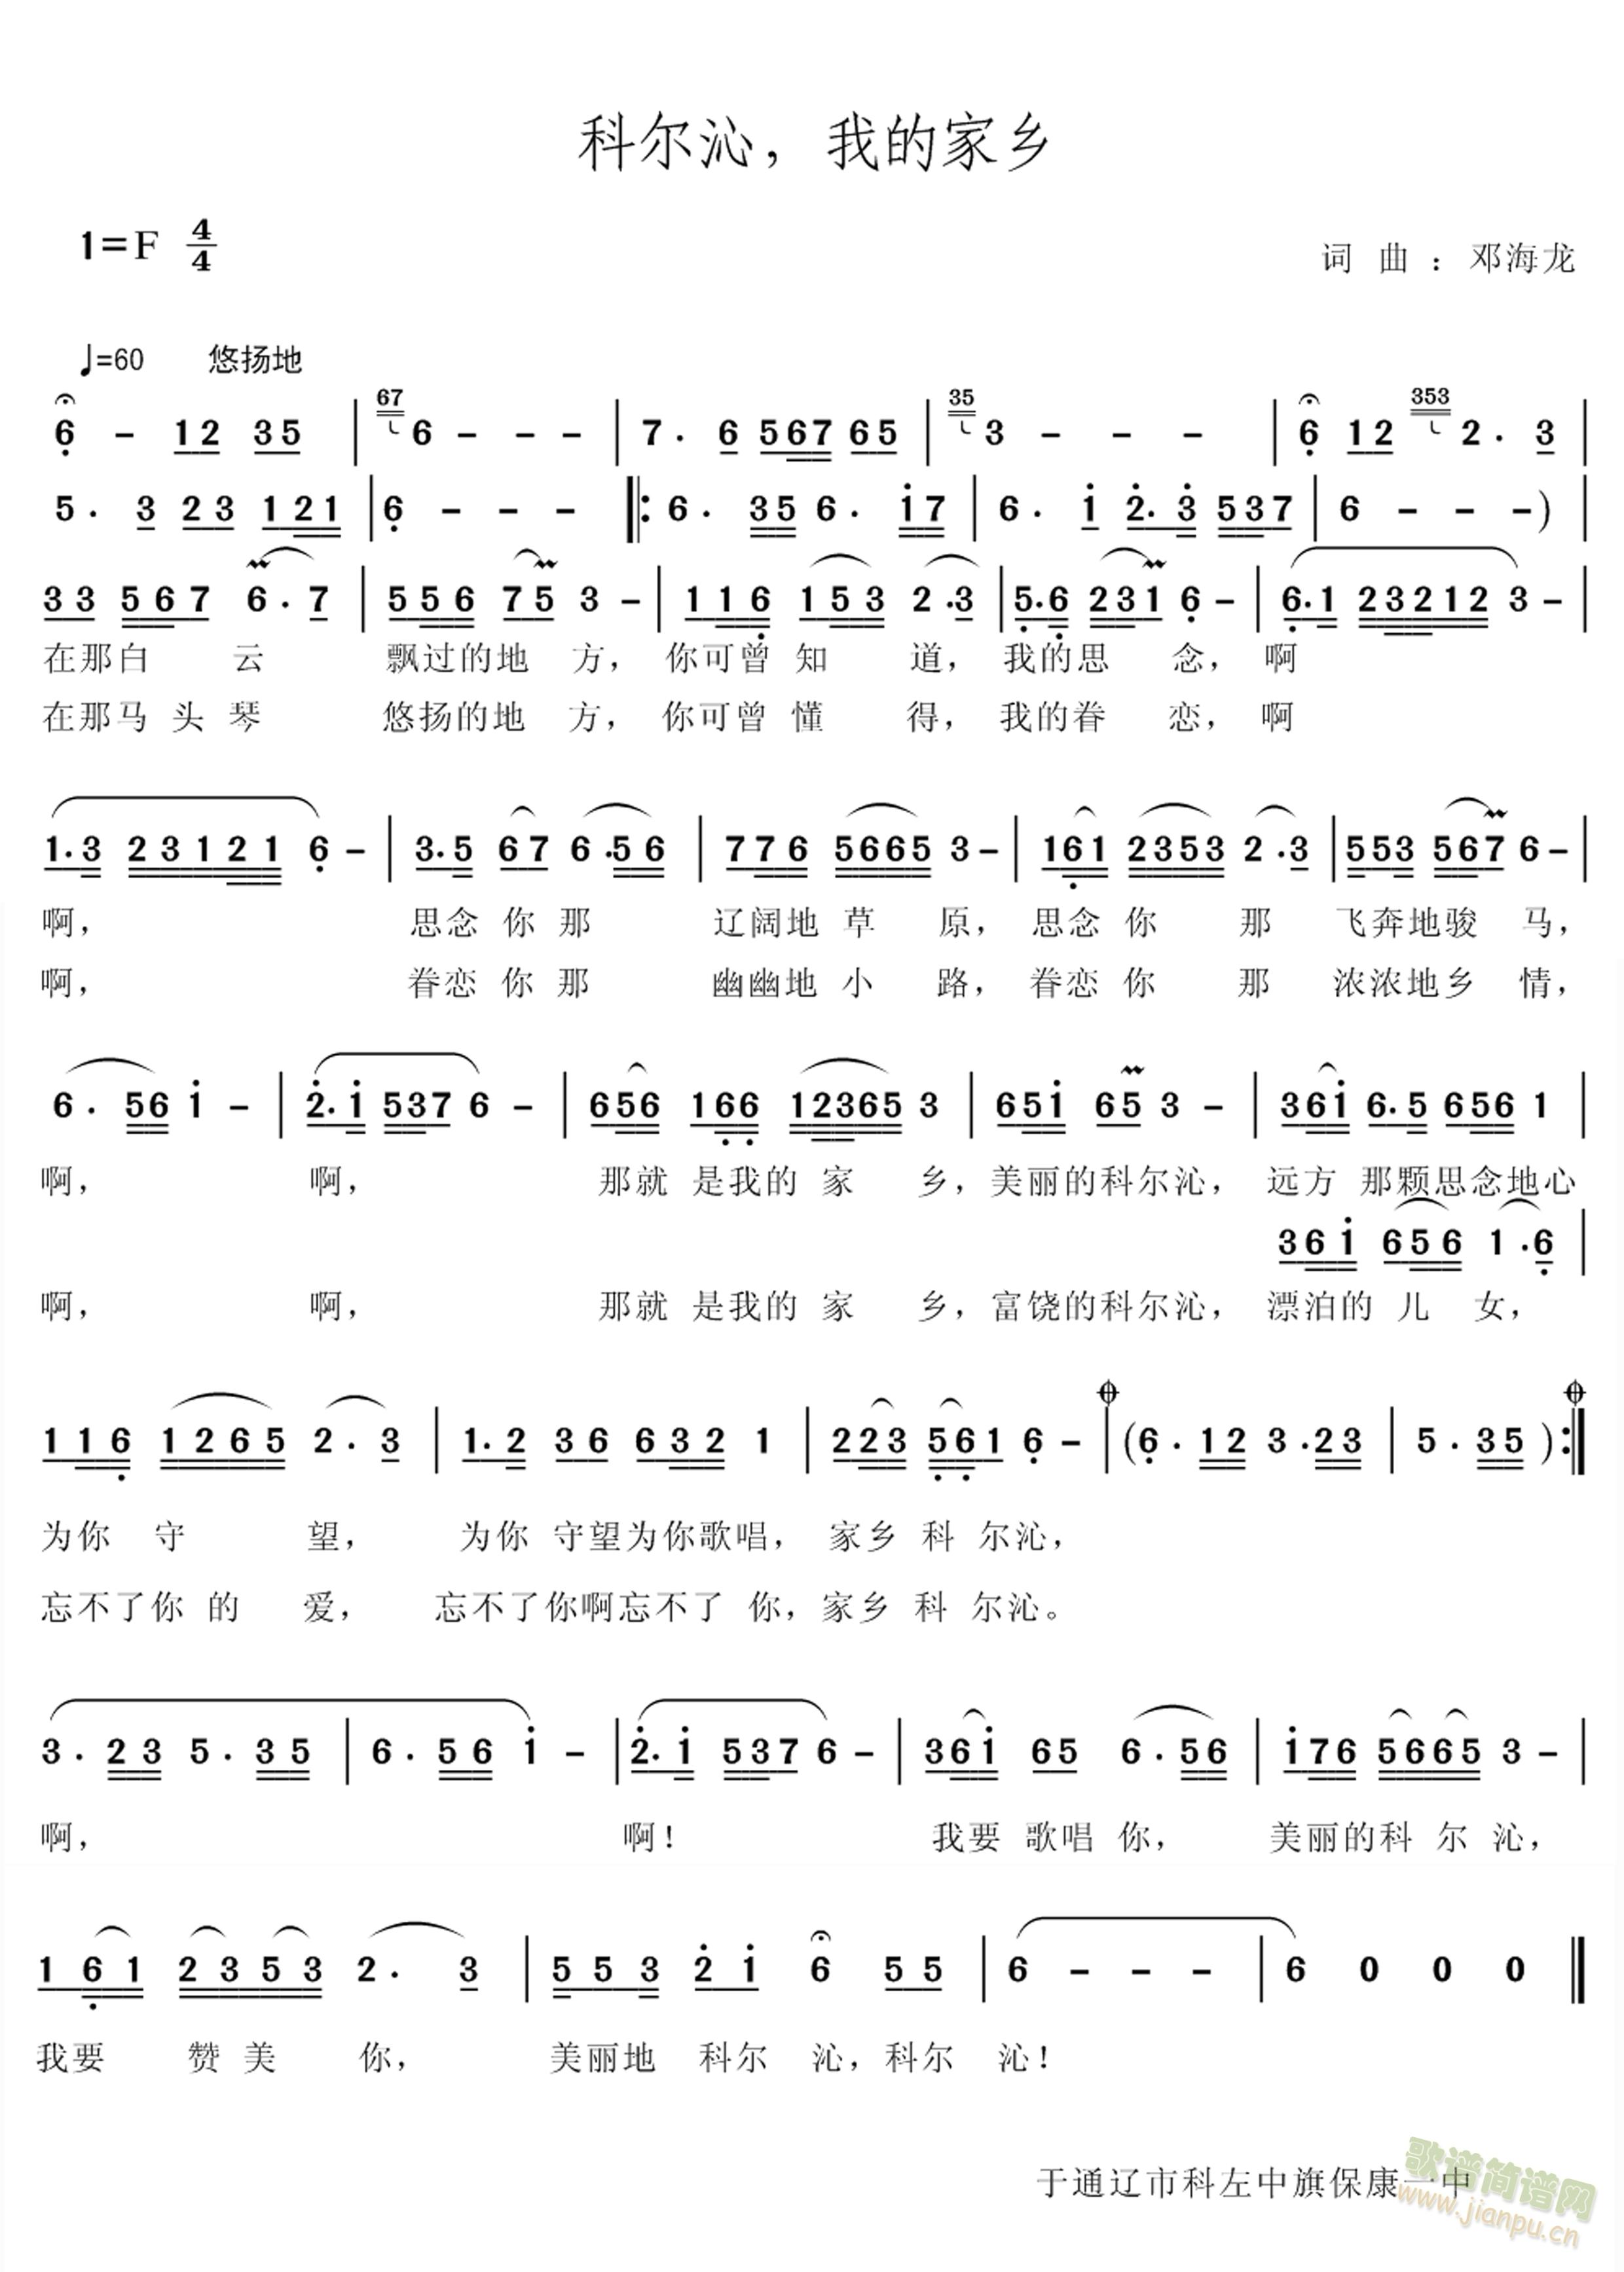 科尔沁,我的家乡(八字歌谱)1